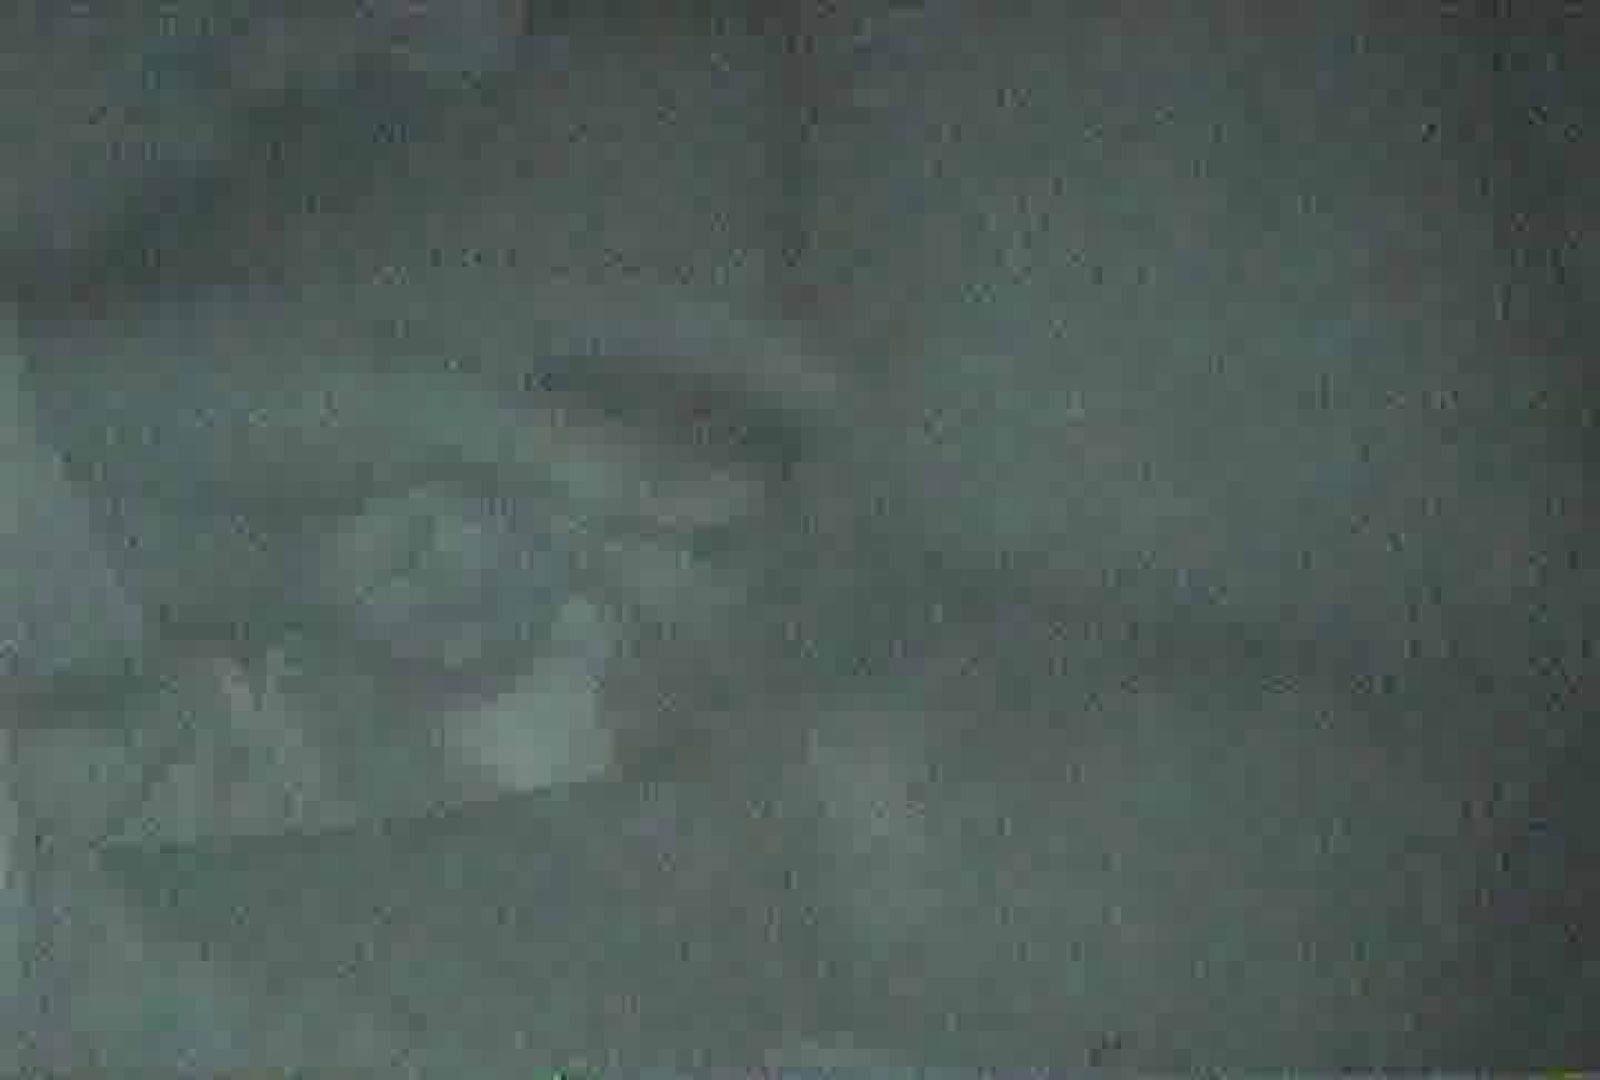 充血監督の深夜の運動会Vol.58 独身エッチOL   フェラ  91pic 1